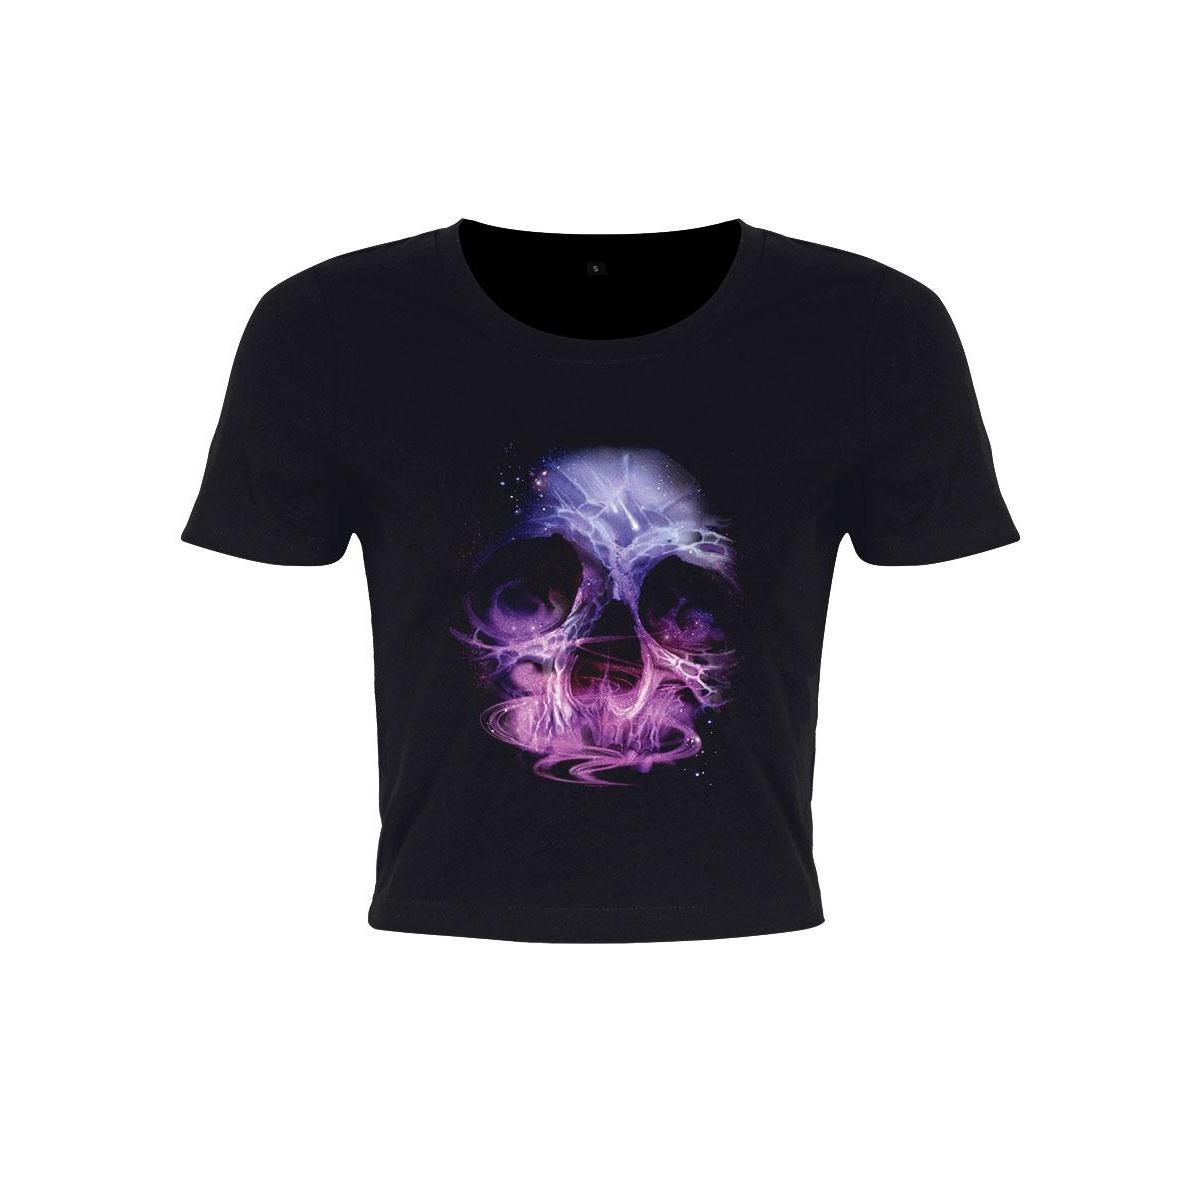 Grindstore Womens/Ladies Galatic Skull Crop Top (S) (Black)